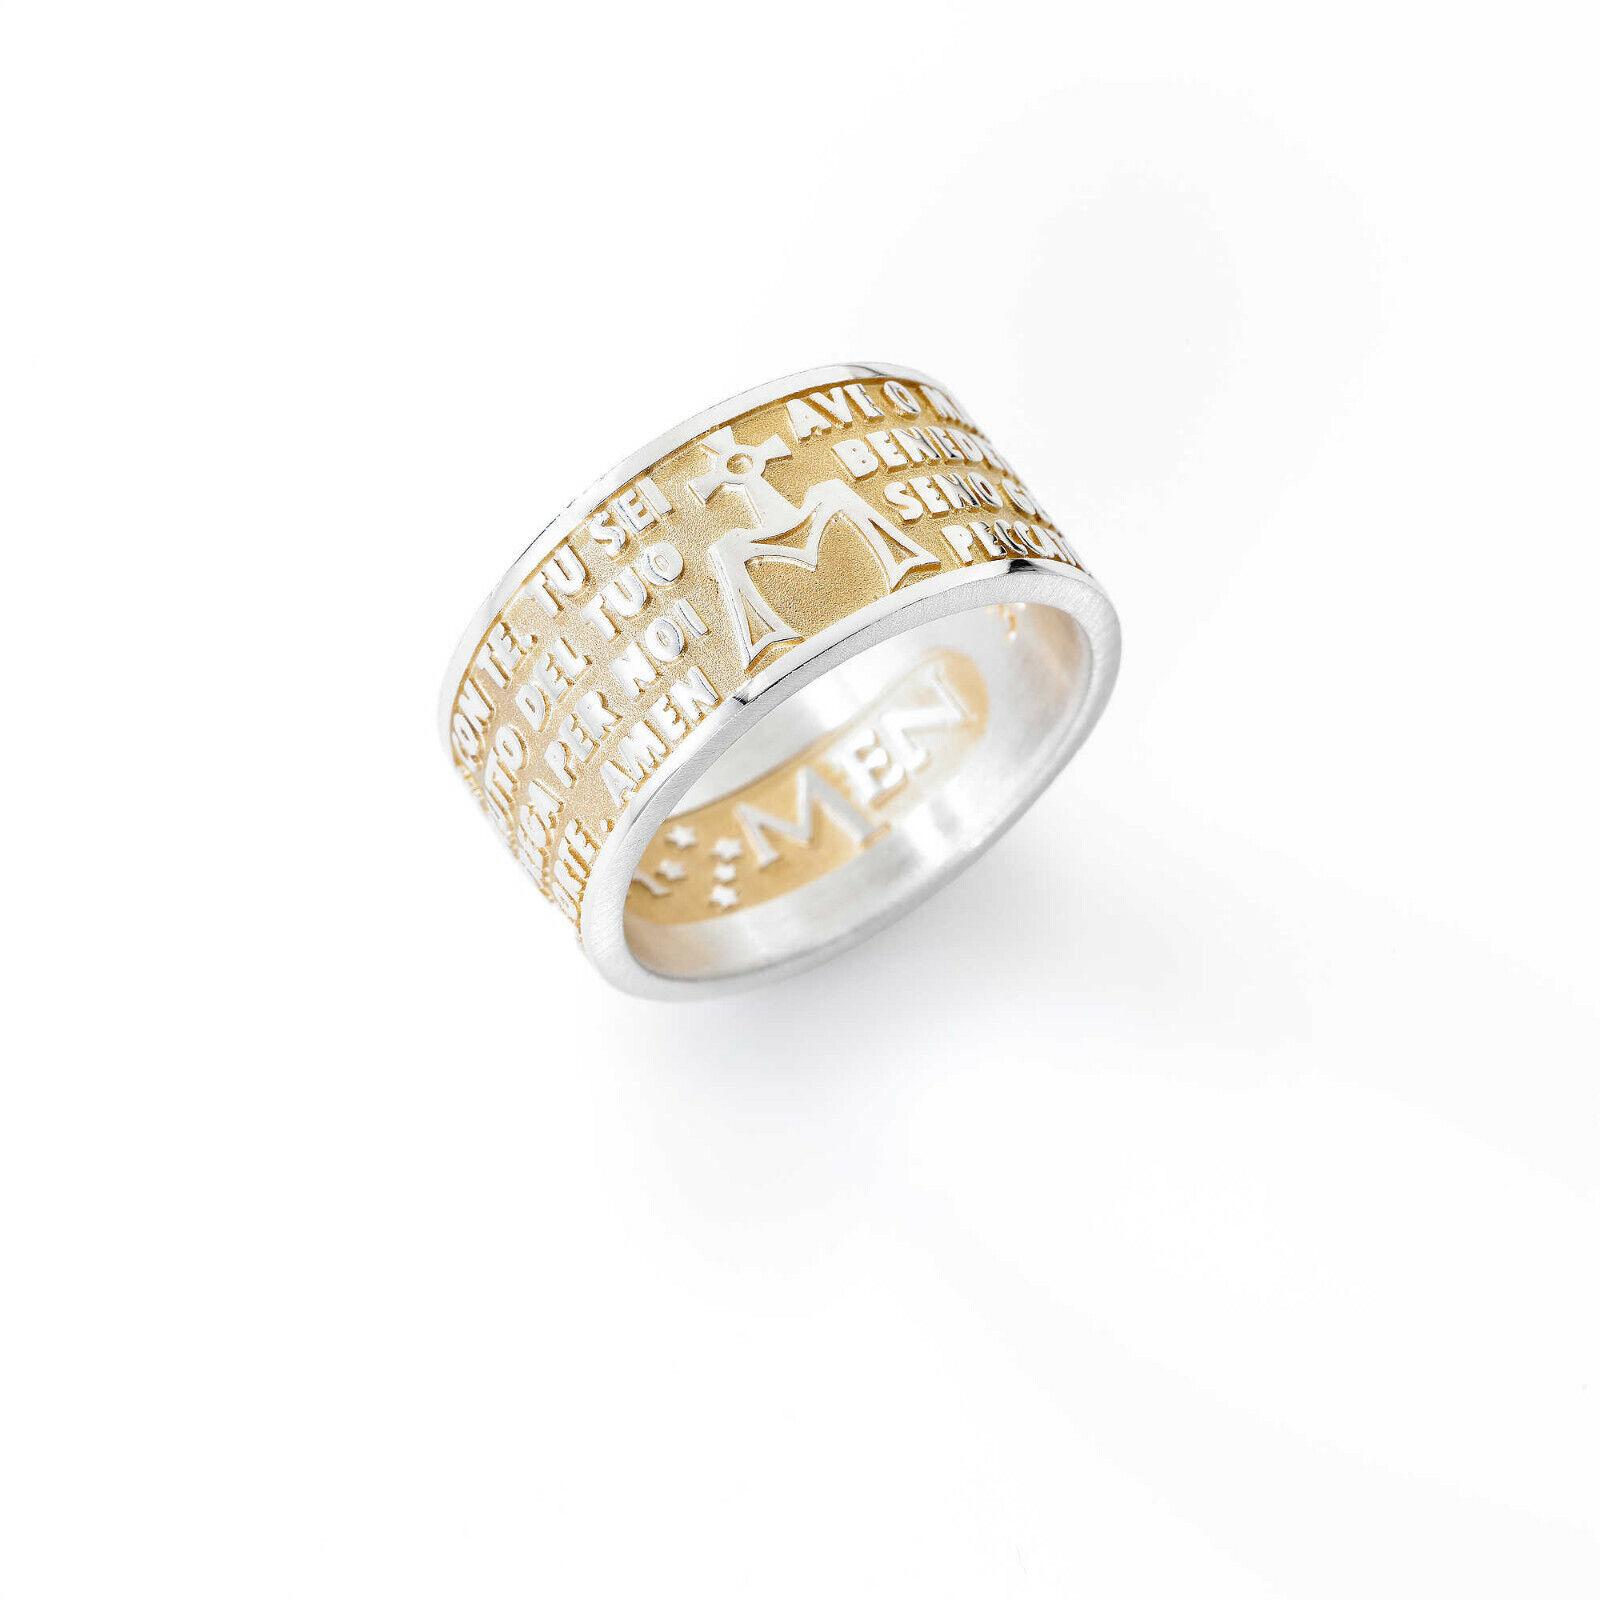 GIOIELLI AMEN ANELLO women gold PREGHIERA AVE MARIA silver 925 AMG-22 MIS 22